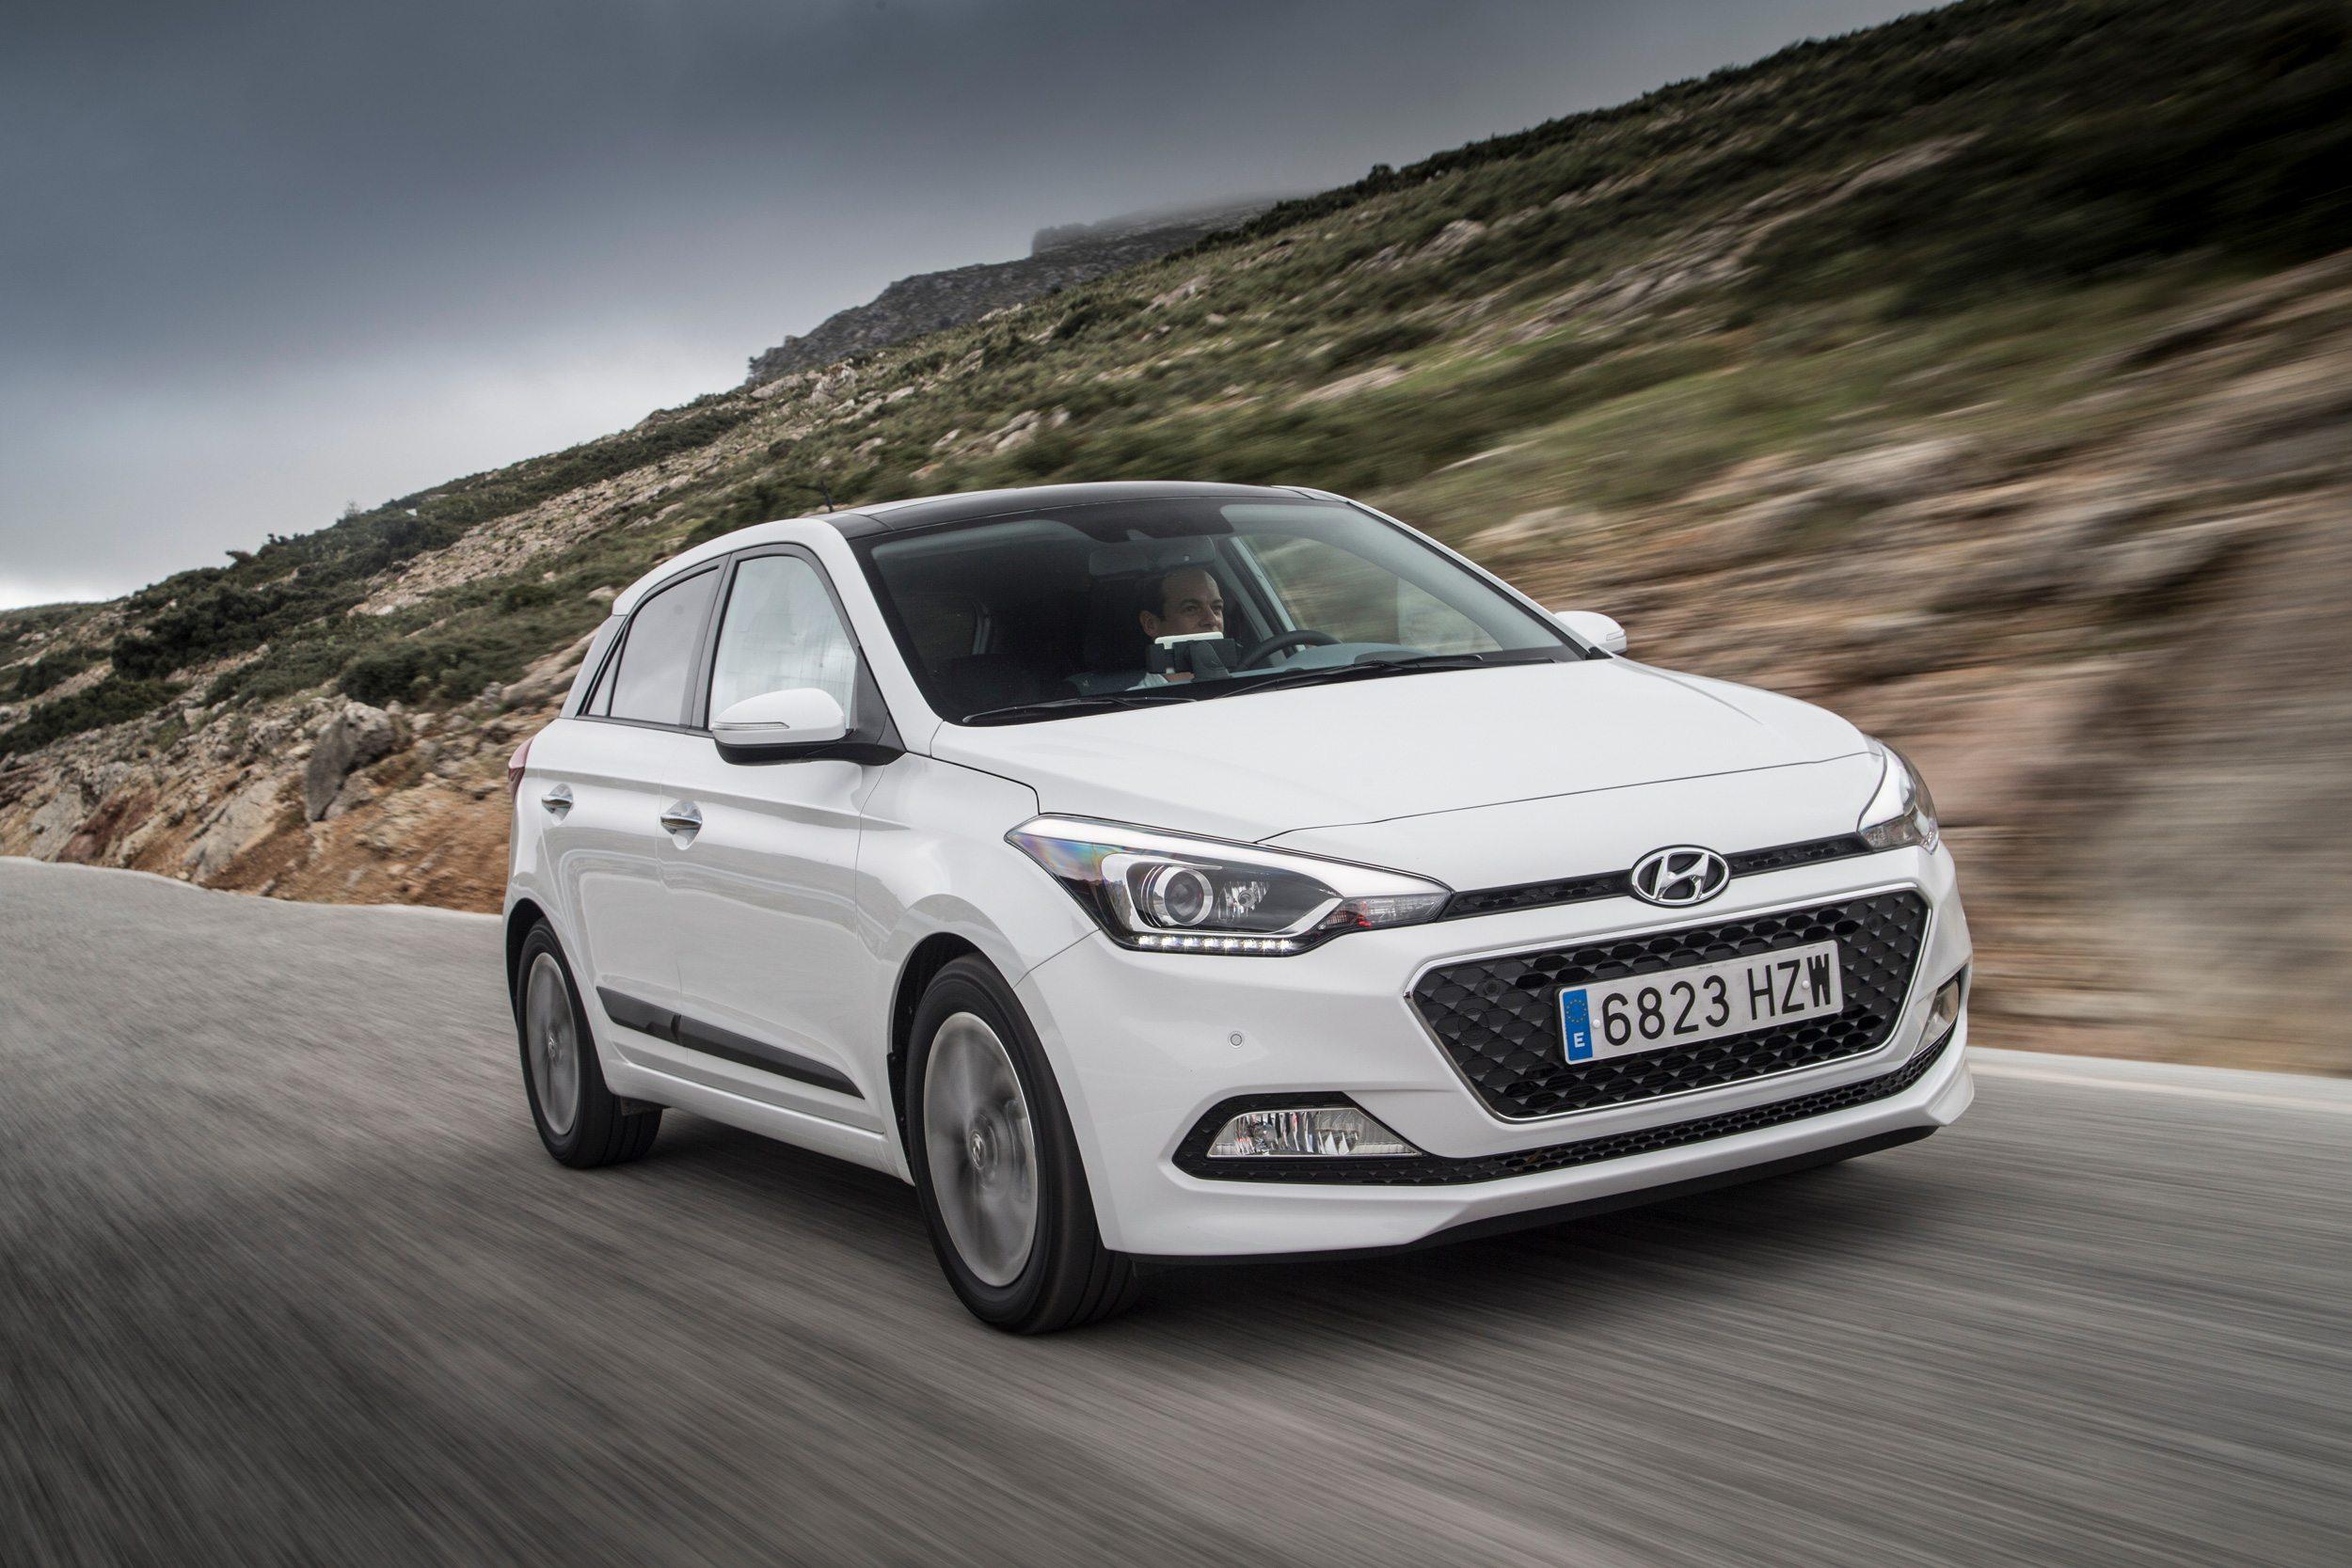 Hyundai i20 1.4 CRDI Style – Test su strada